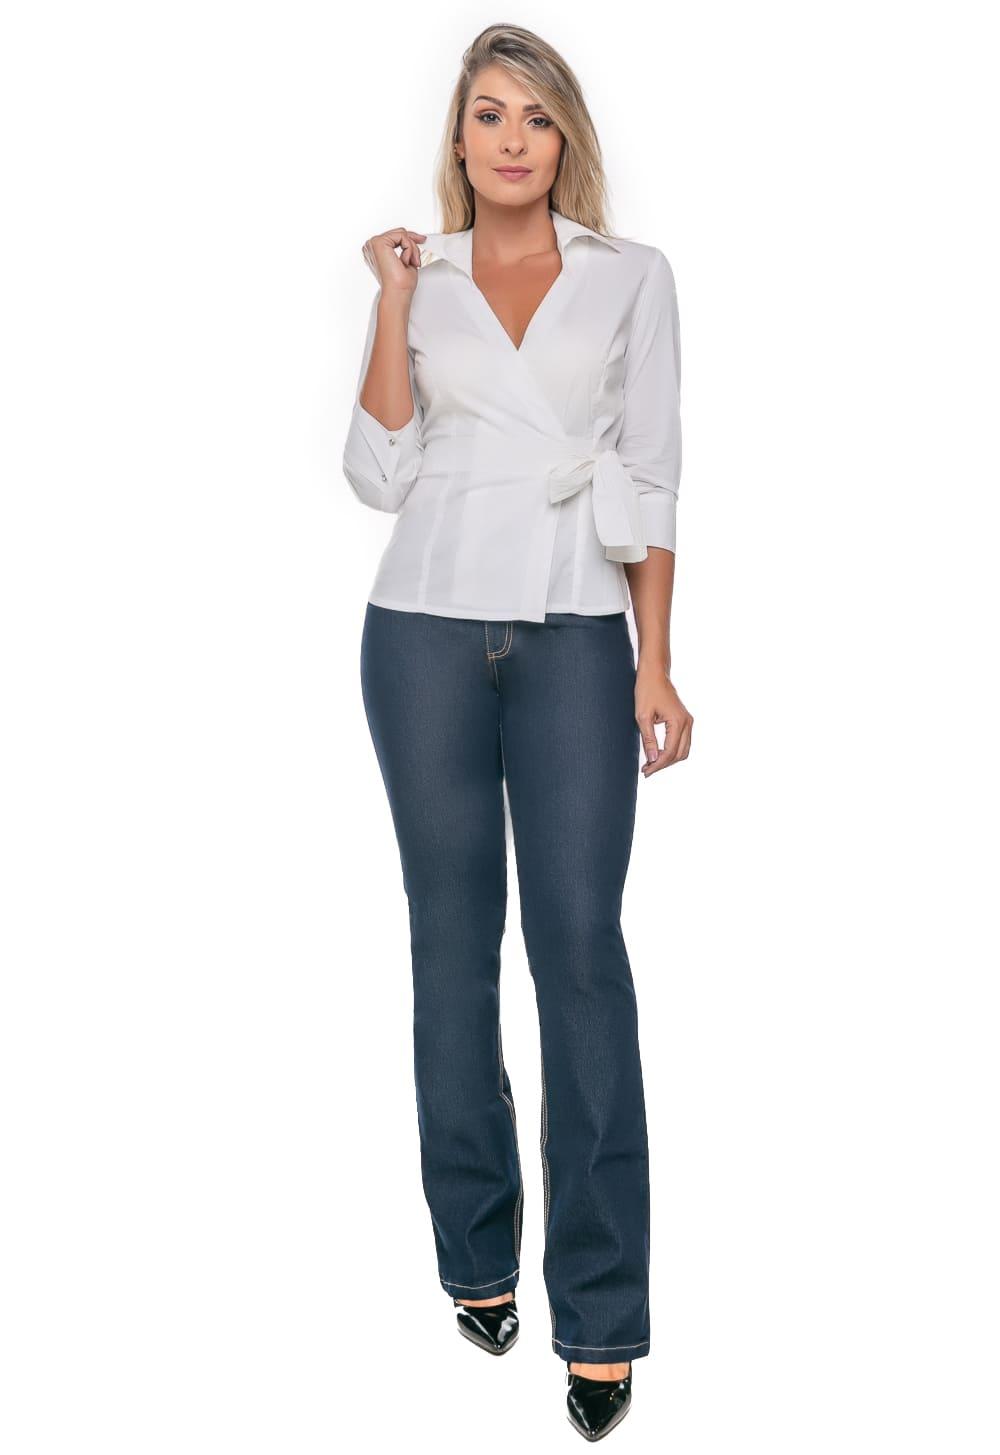 Camisa Feminina com Amarração Branca